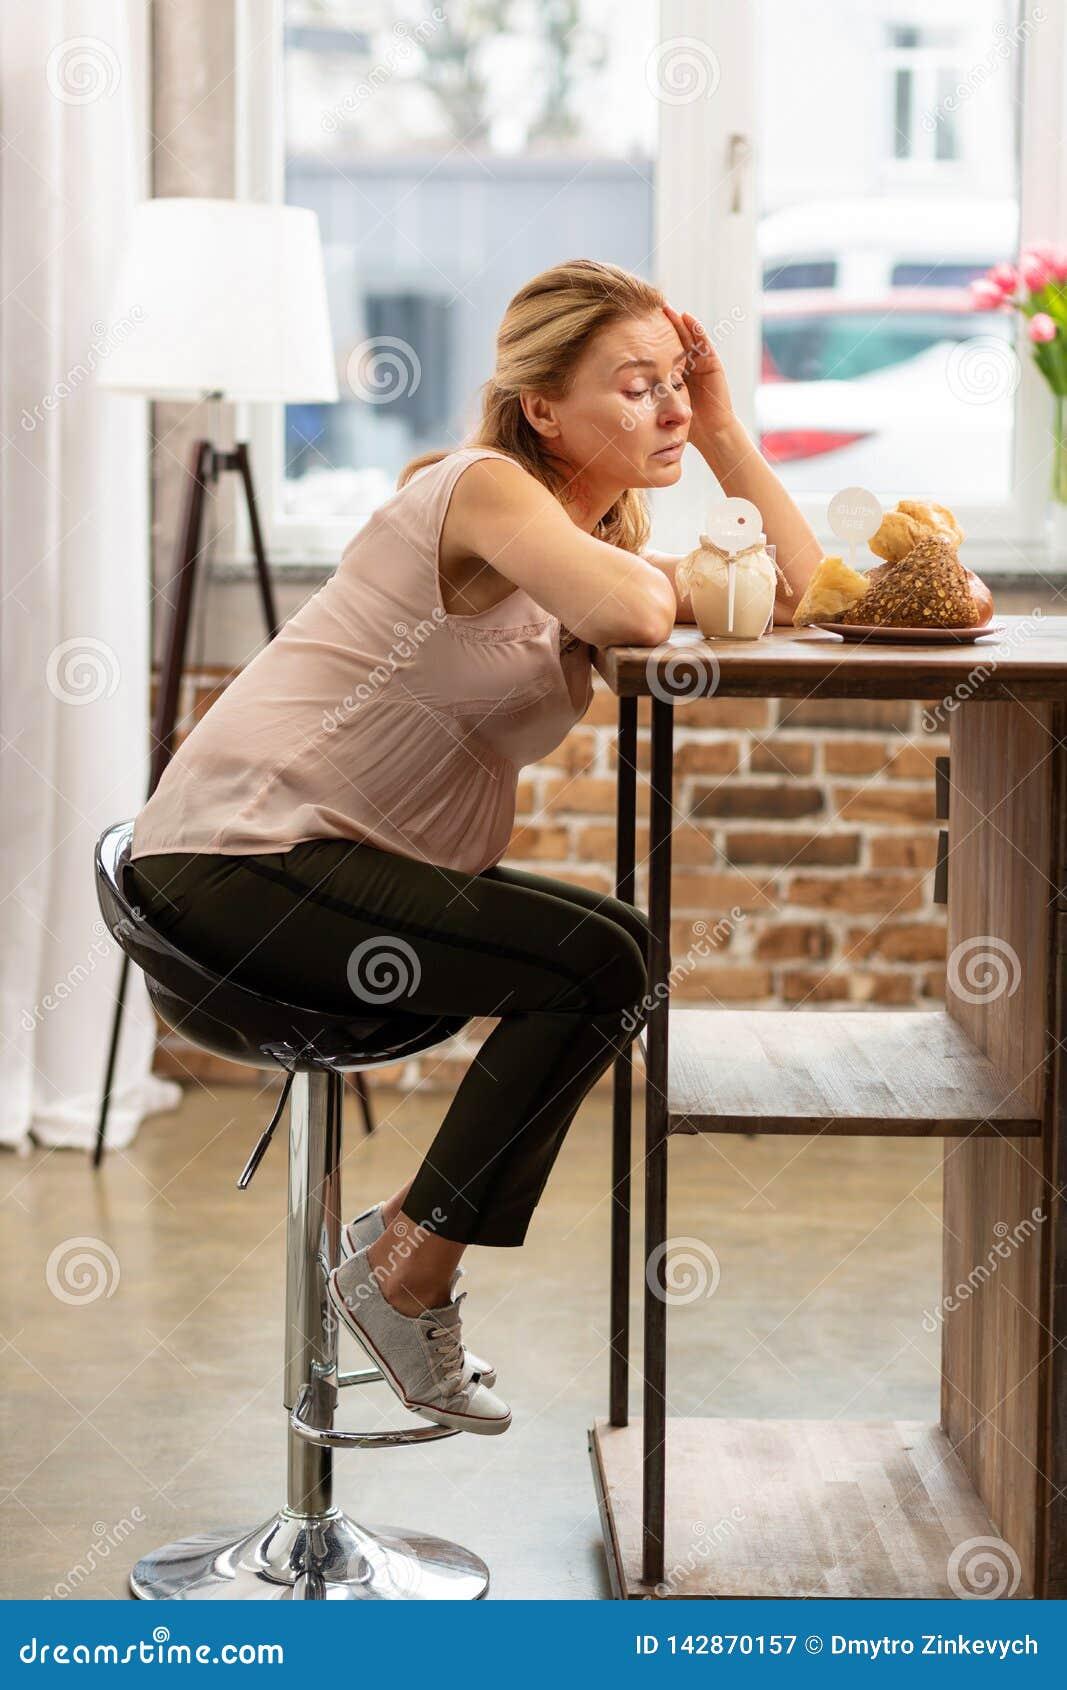 Blond-haarige Frau, Die Auf Stuhl Sitzt Und Allergische